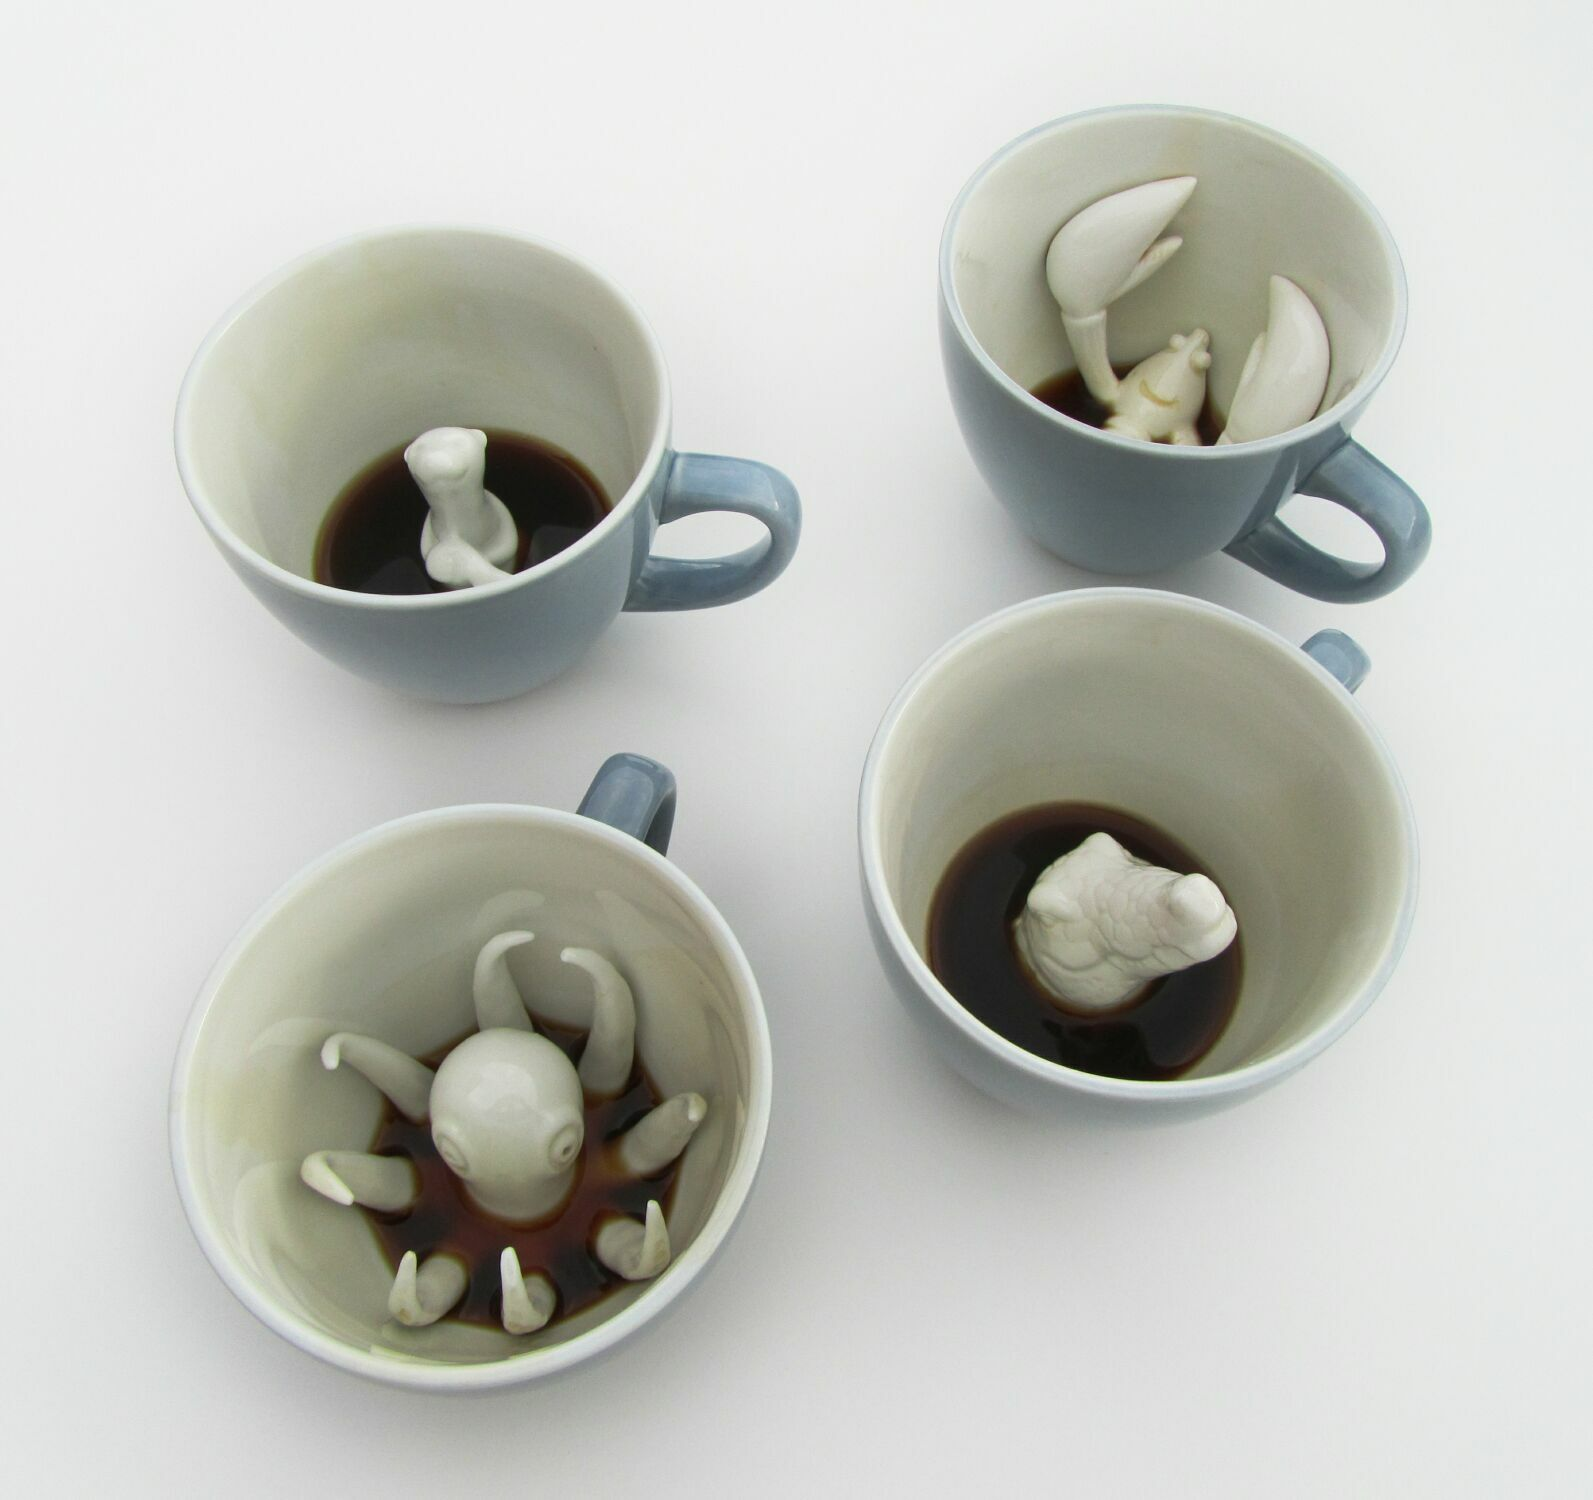 Пинкл (Pinkl) | Кружка с выдрой 330мл | Creature Cups SeaOtterCup 11oz